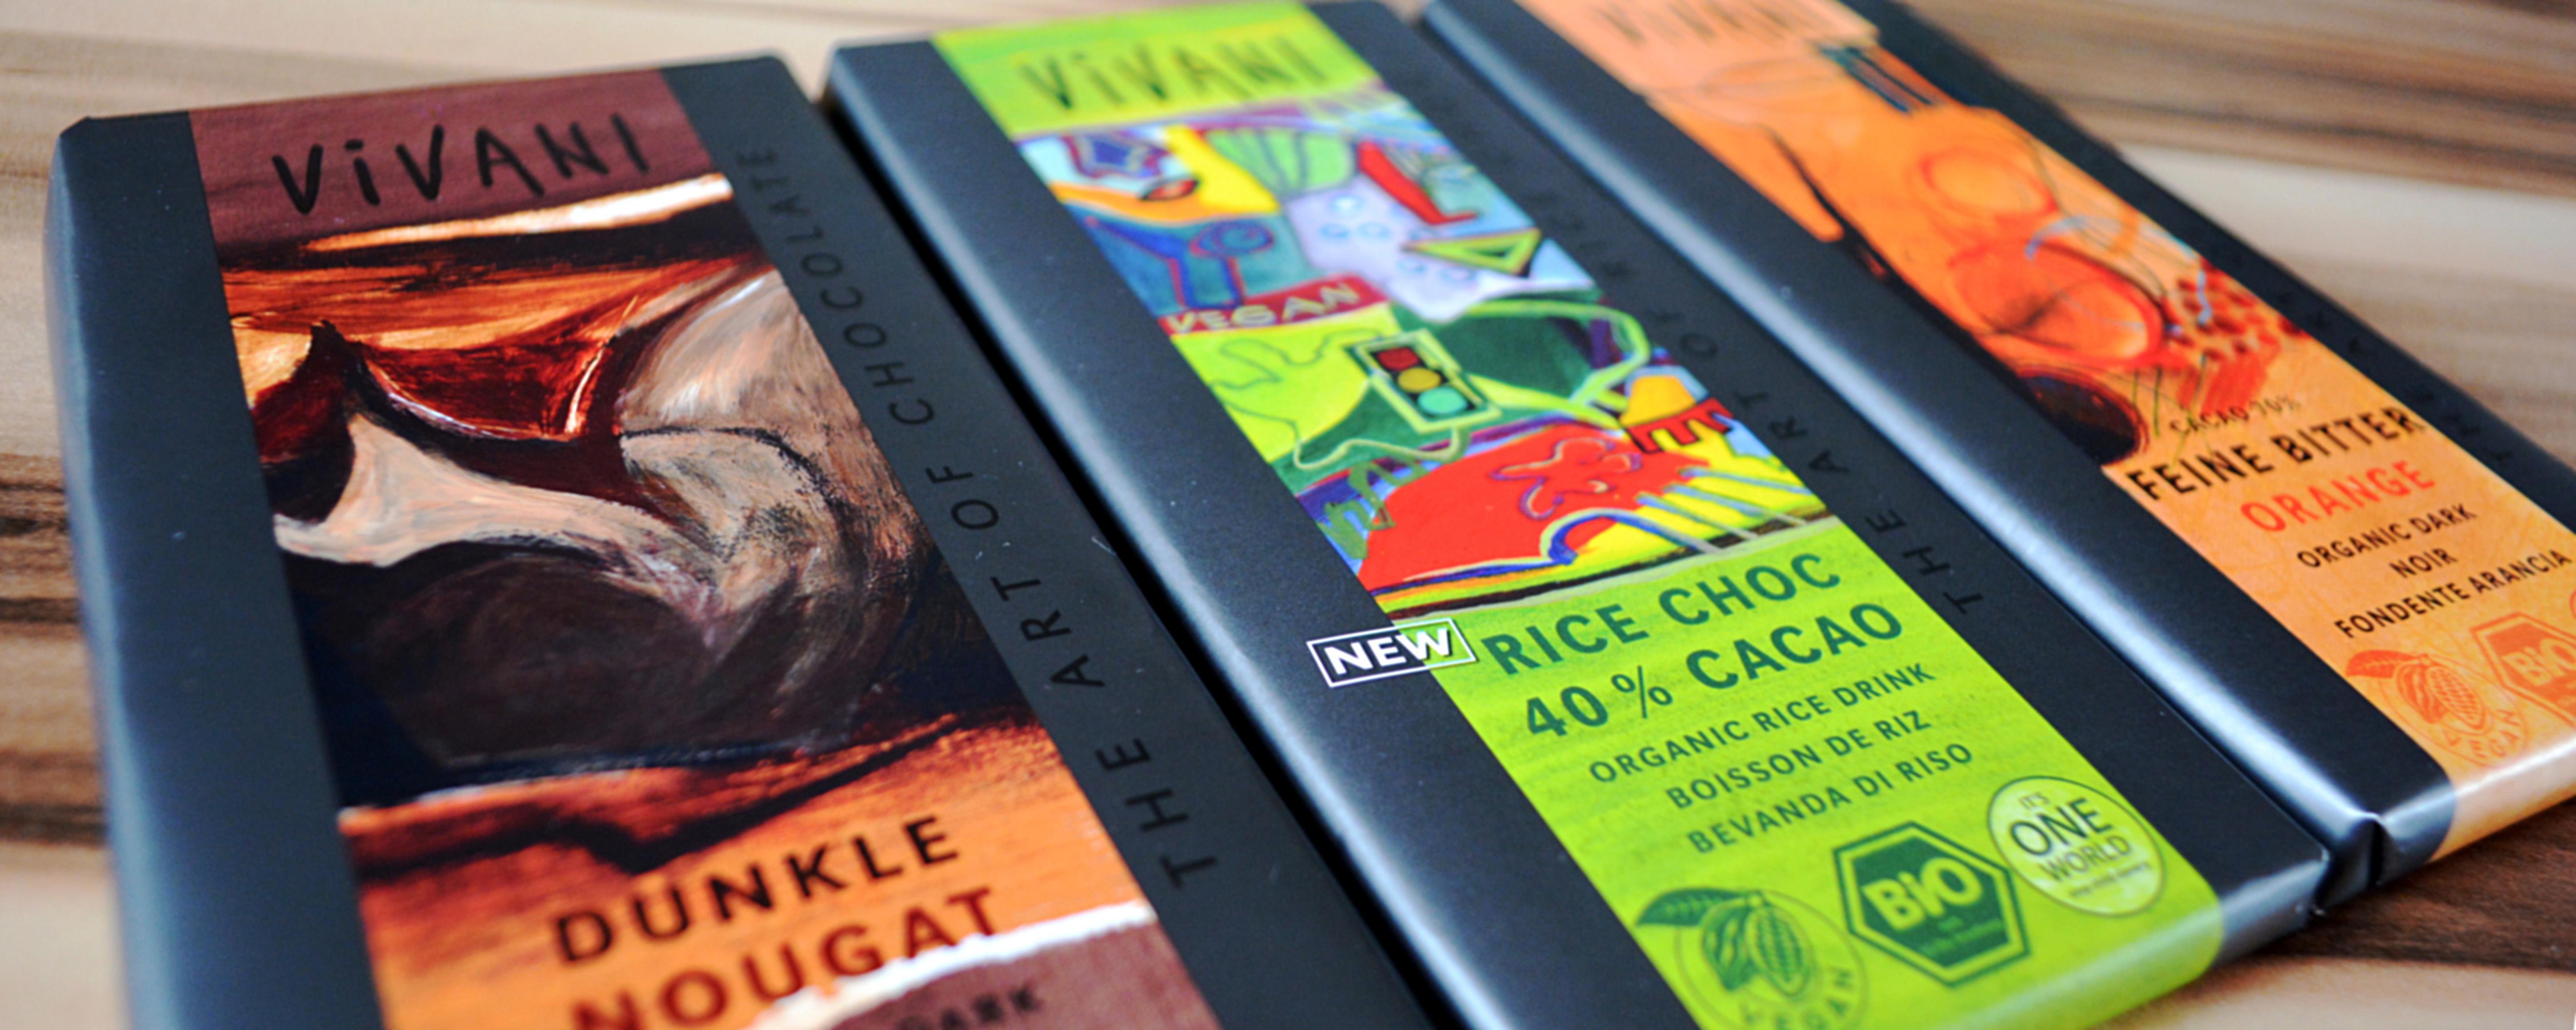 Vegane Schokolade von Vivani: von links nach rechts seht ihr die Sorten